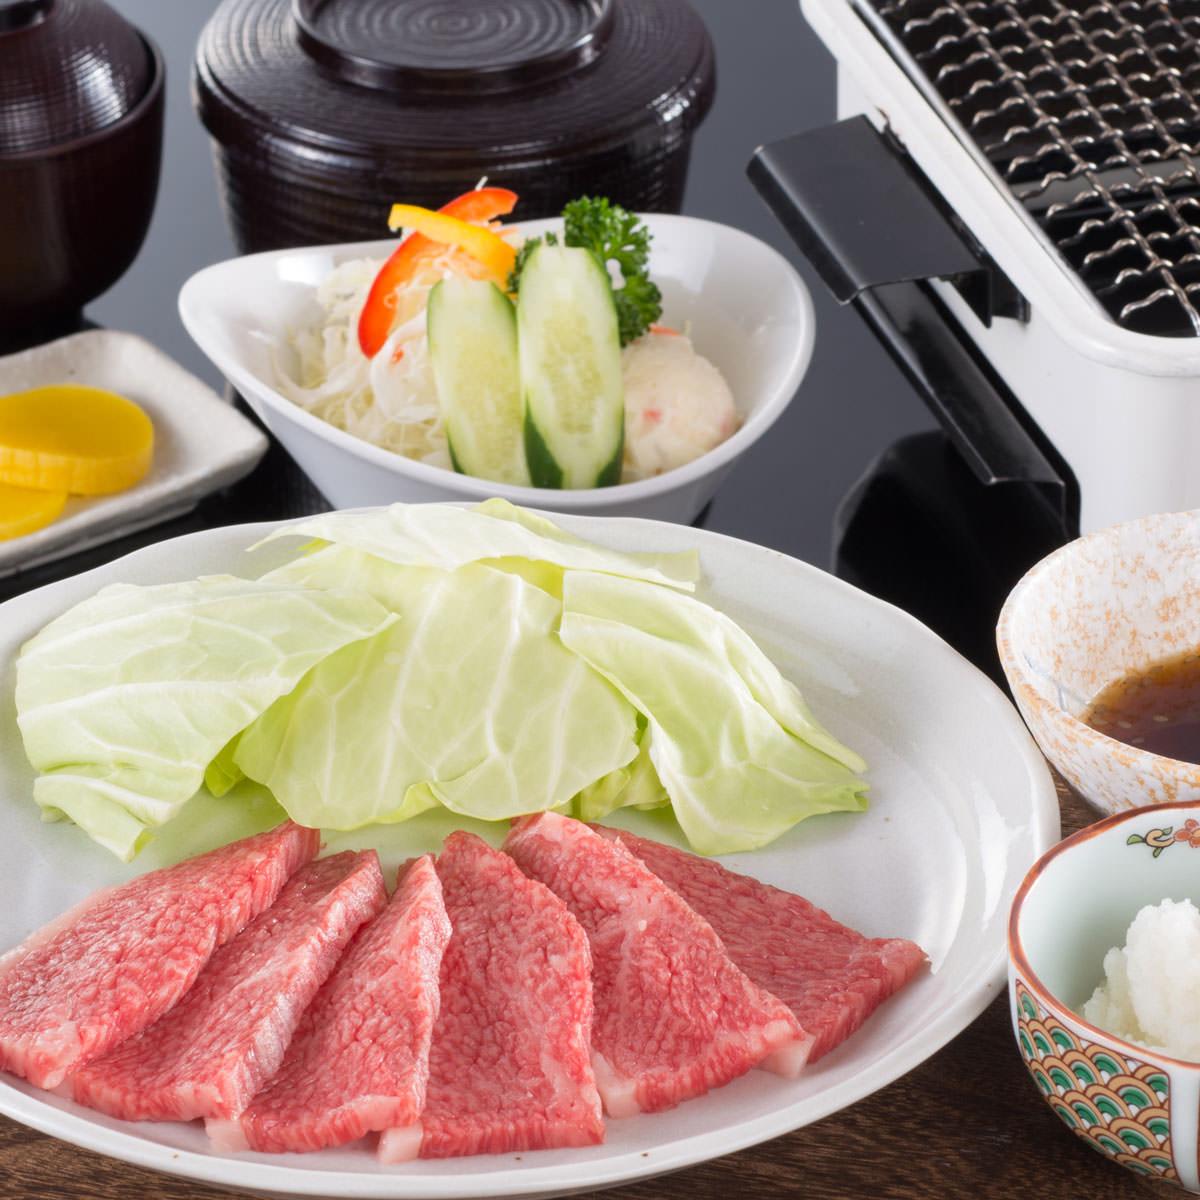 松阪牛 焼肉用 肩ロース 木箱入 贈答用 〔500g〕 牛肉 三重 松阪まるよし